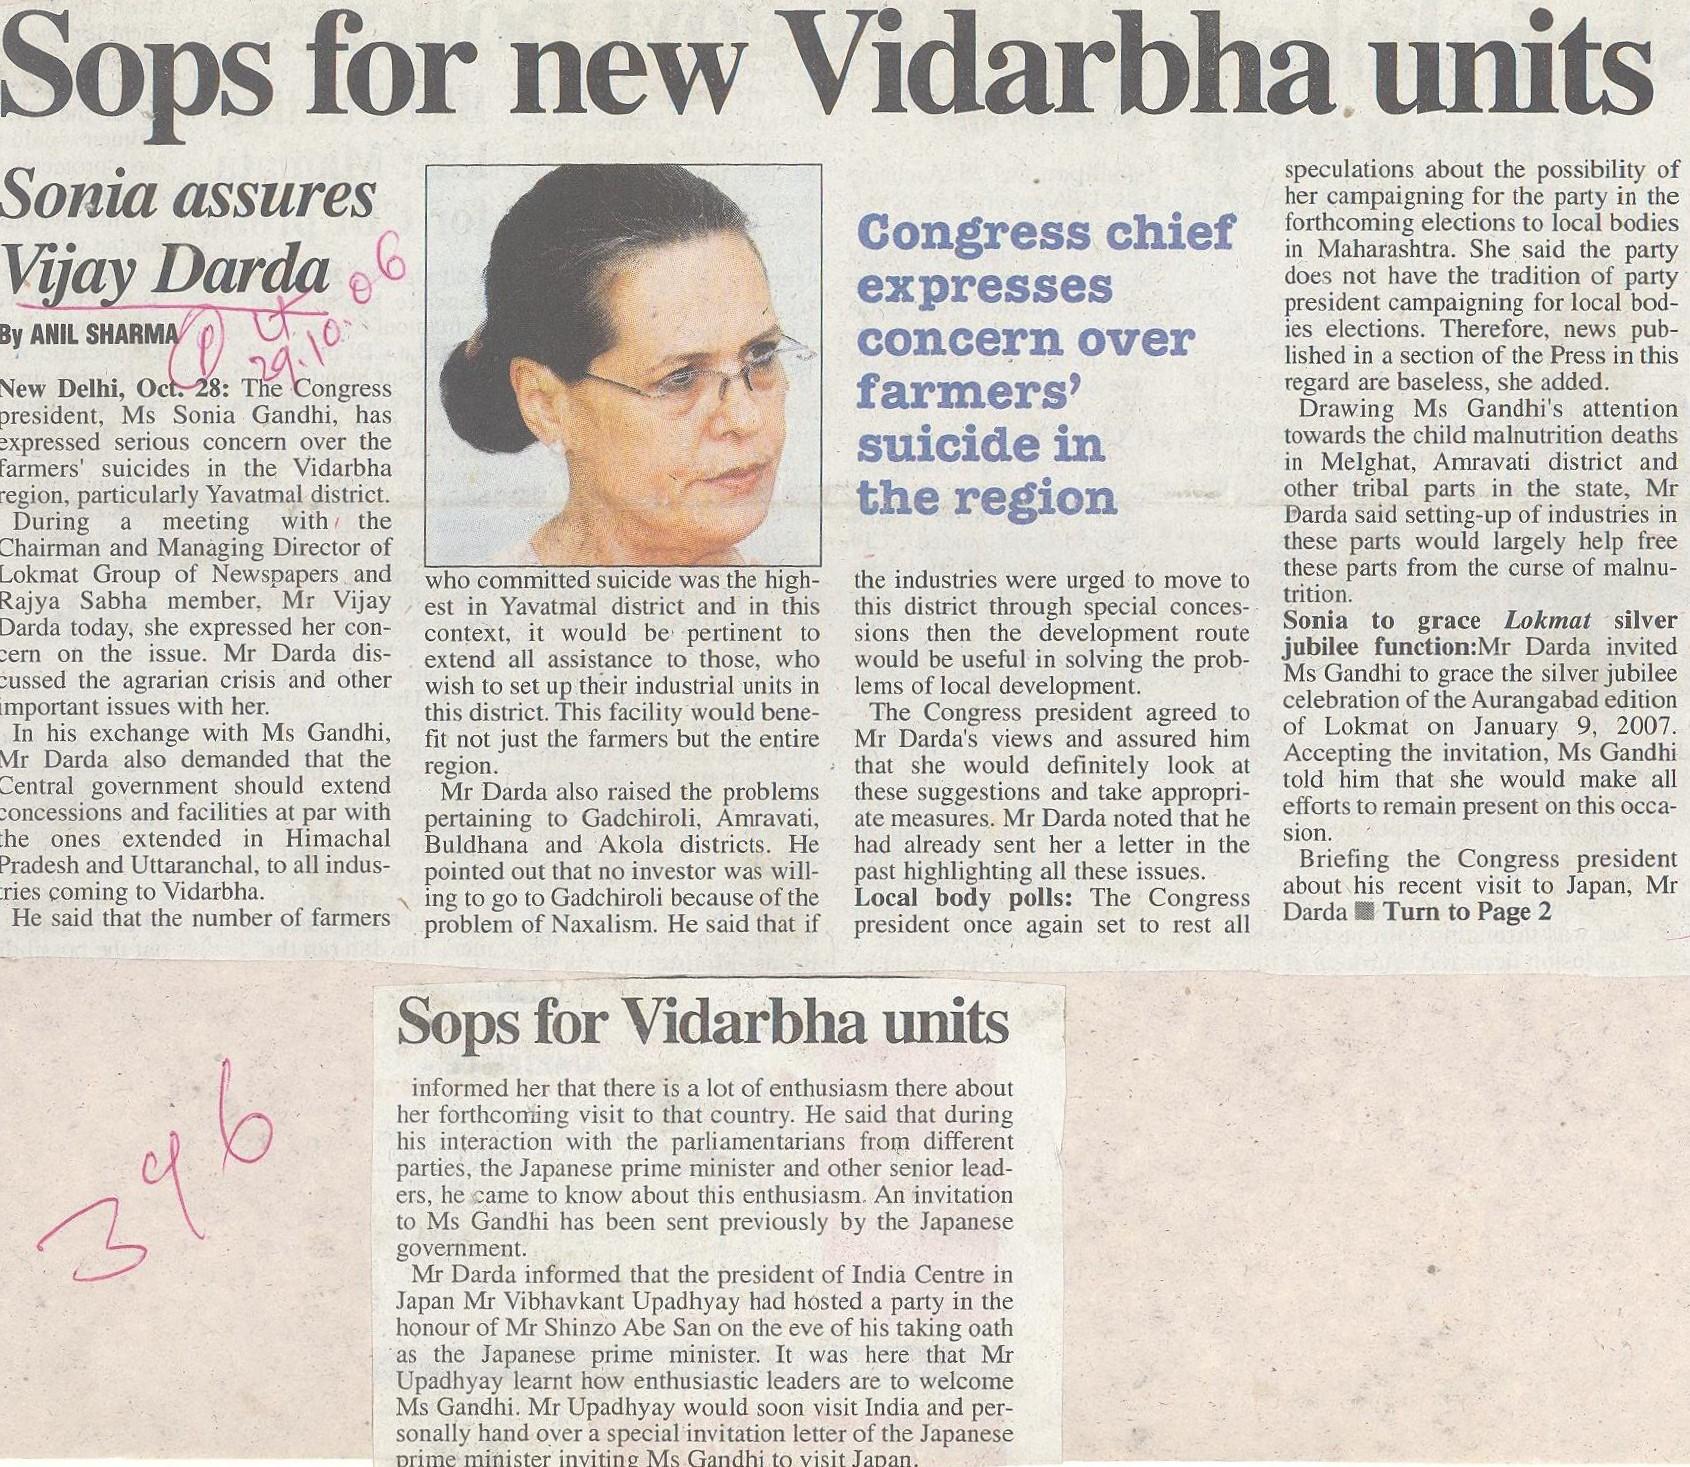 Sops for new Vidarbha units